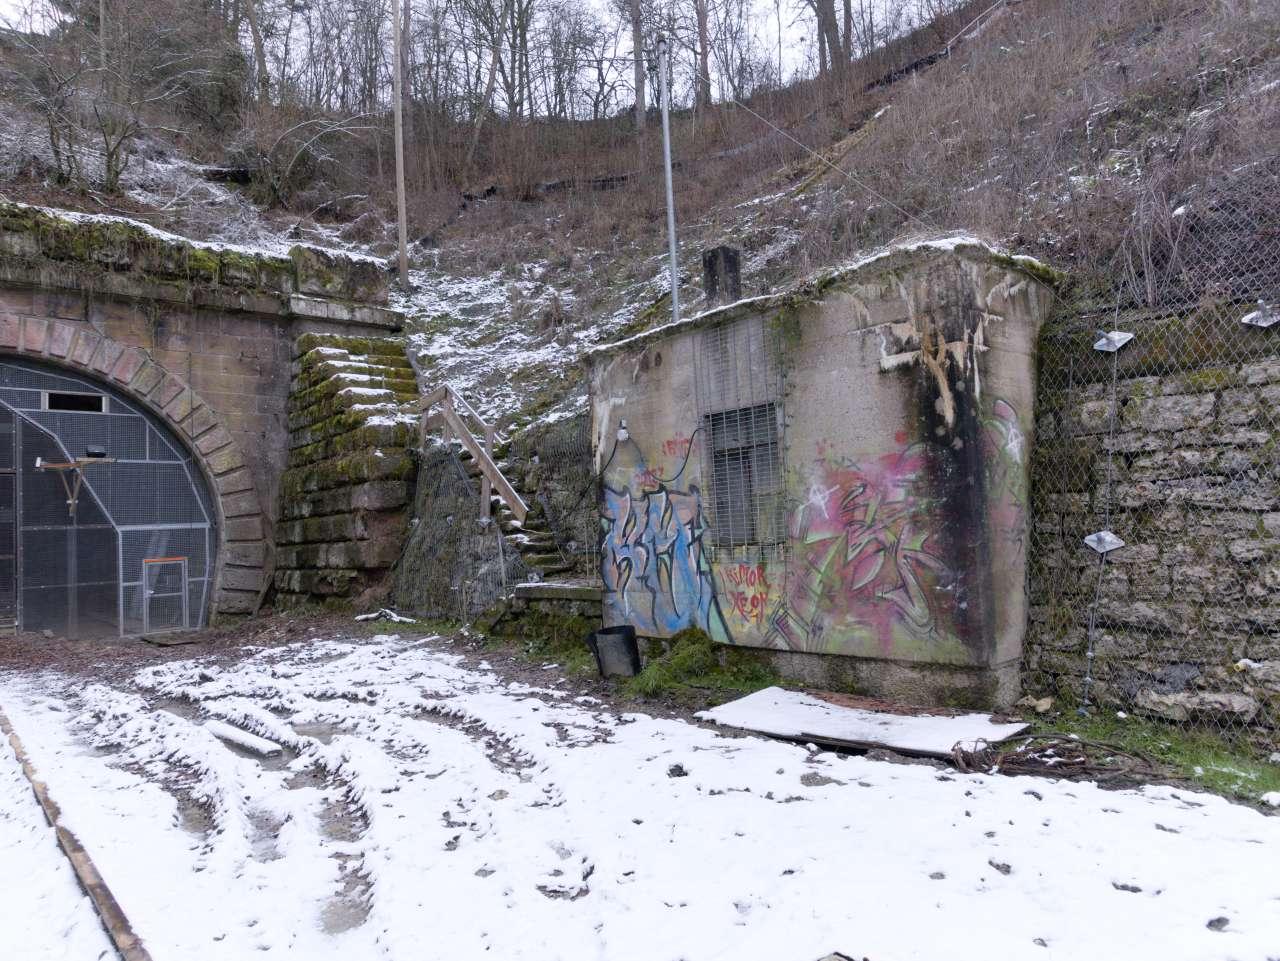 https://abload.de/img/3-14-tunnelportal1rdkos.jpg